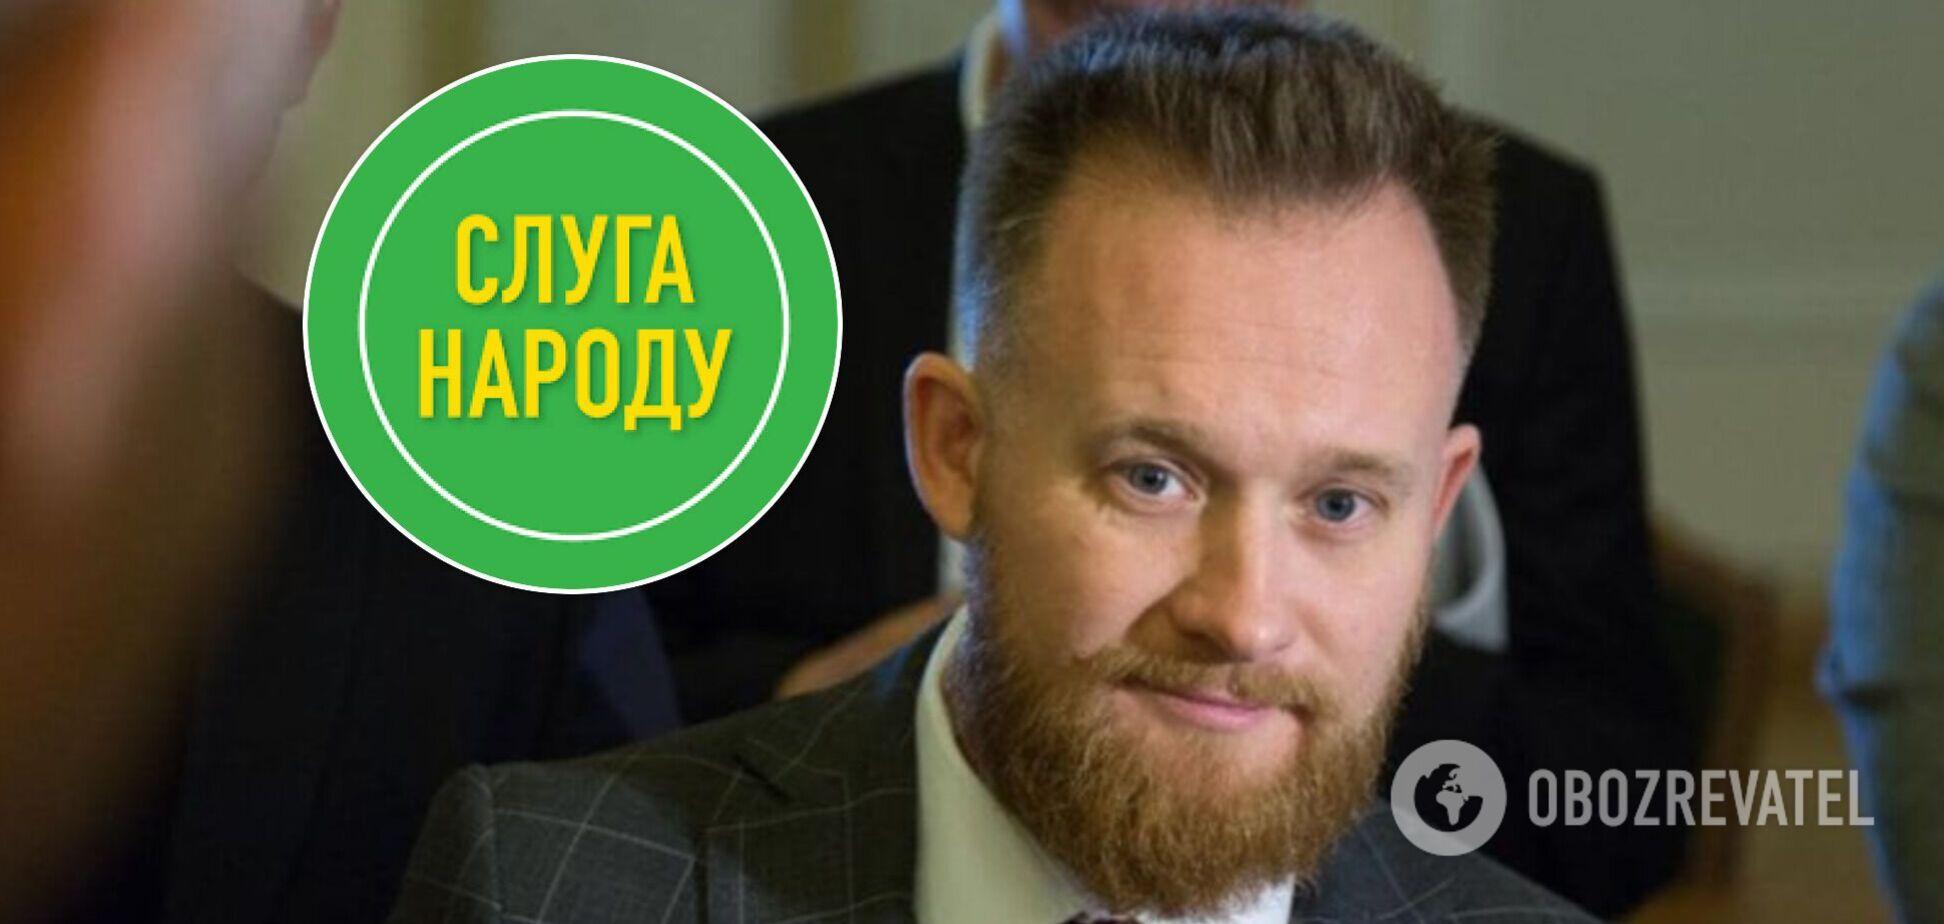 Нардепа Камельчука не пускали на з'їзд партії 'Слуга народу'